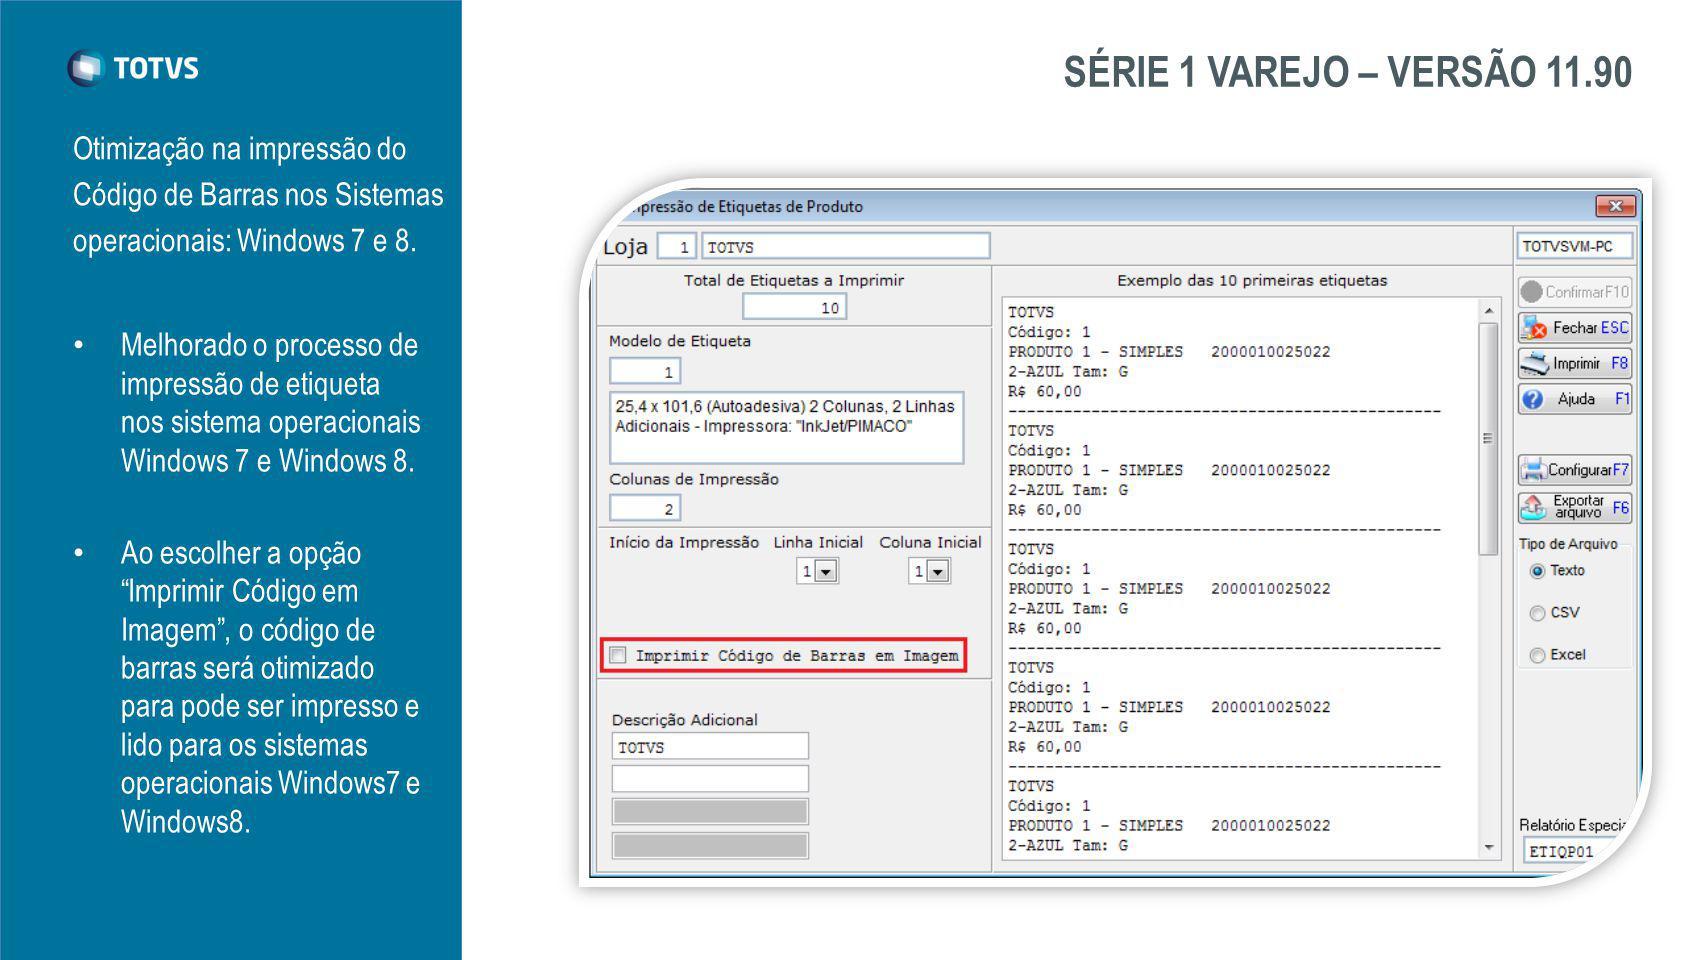 SÉRIE 1 VAREJO – VERSÃO 11.90 Otimização na impressão do Código de Barras nos Sistemas operacionais: Windows 7 e 8.